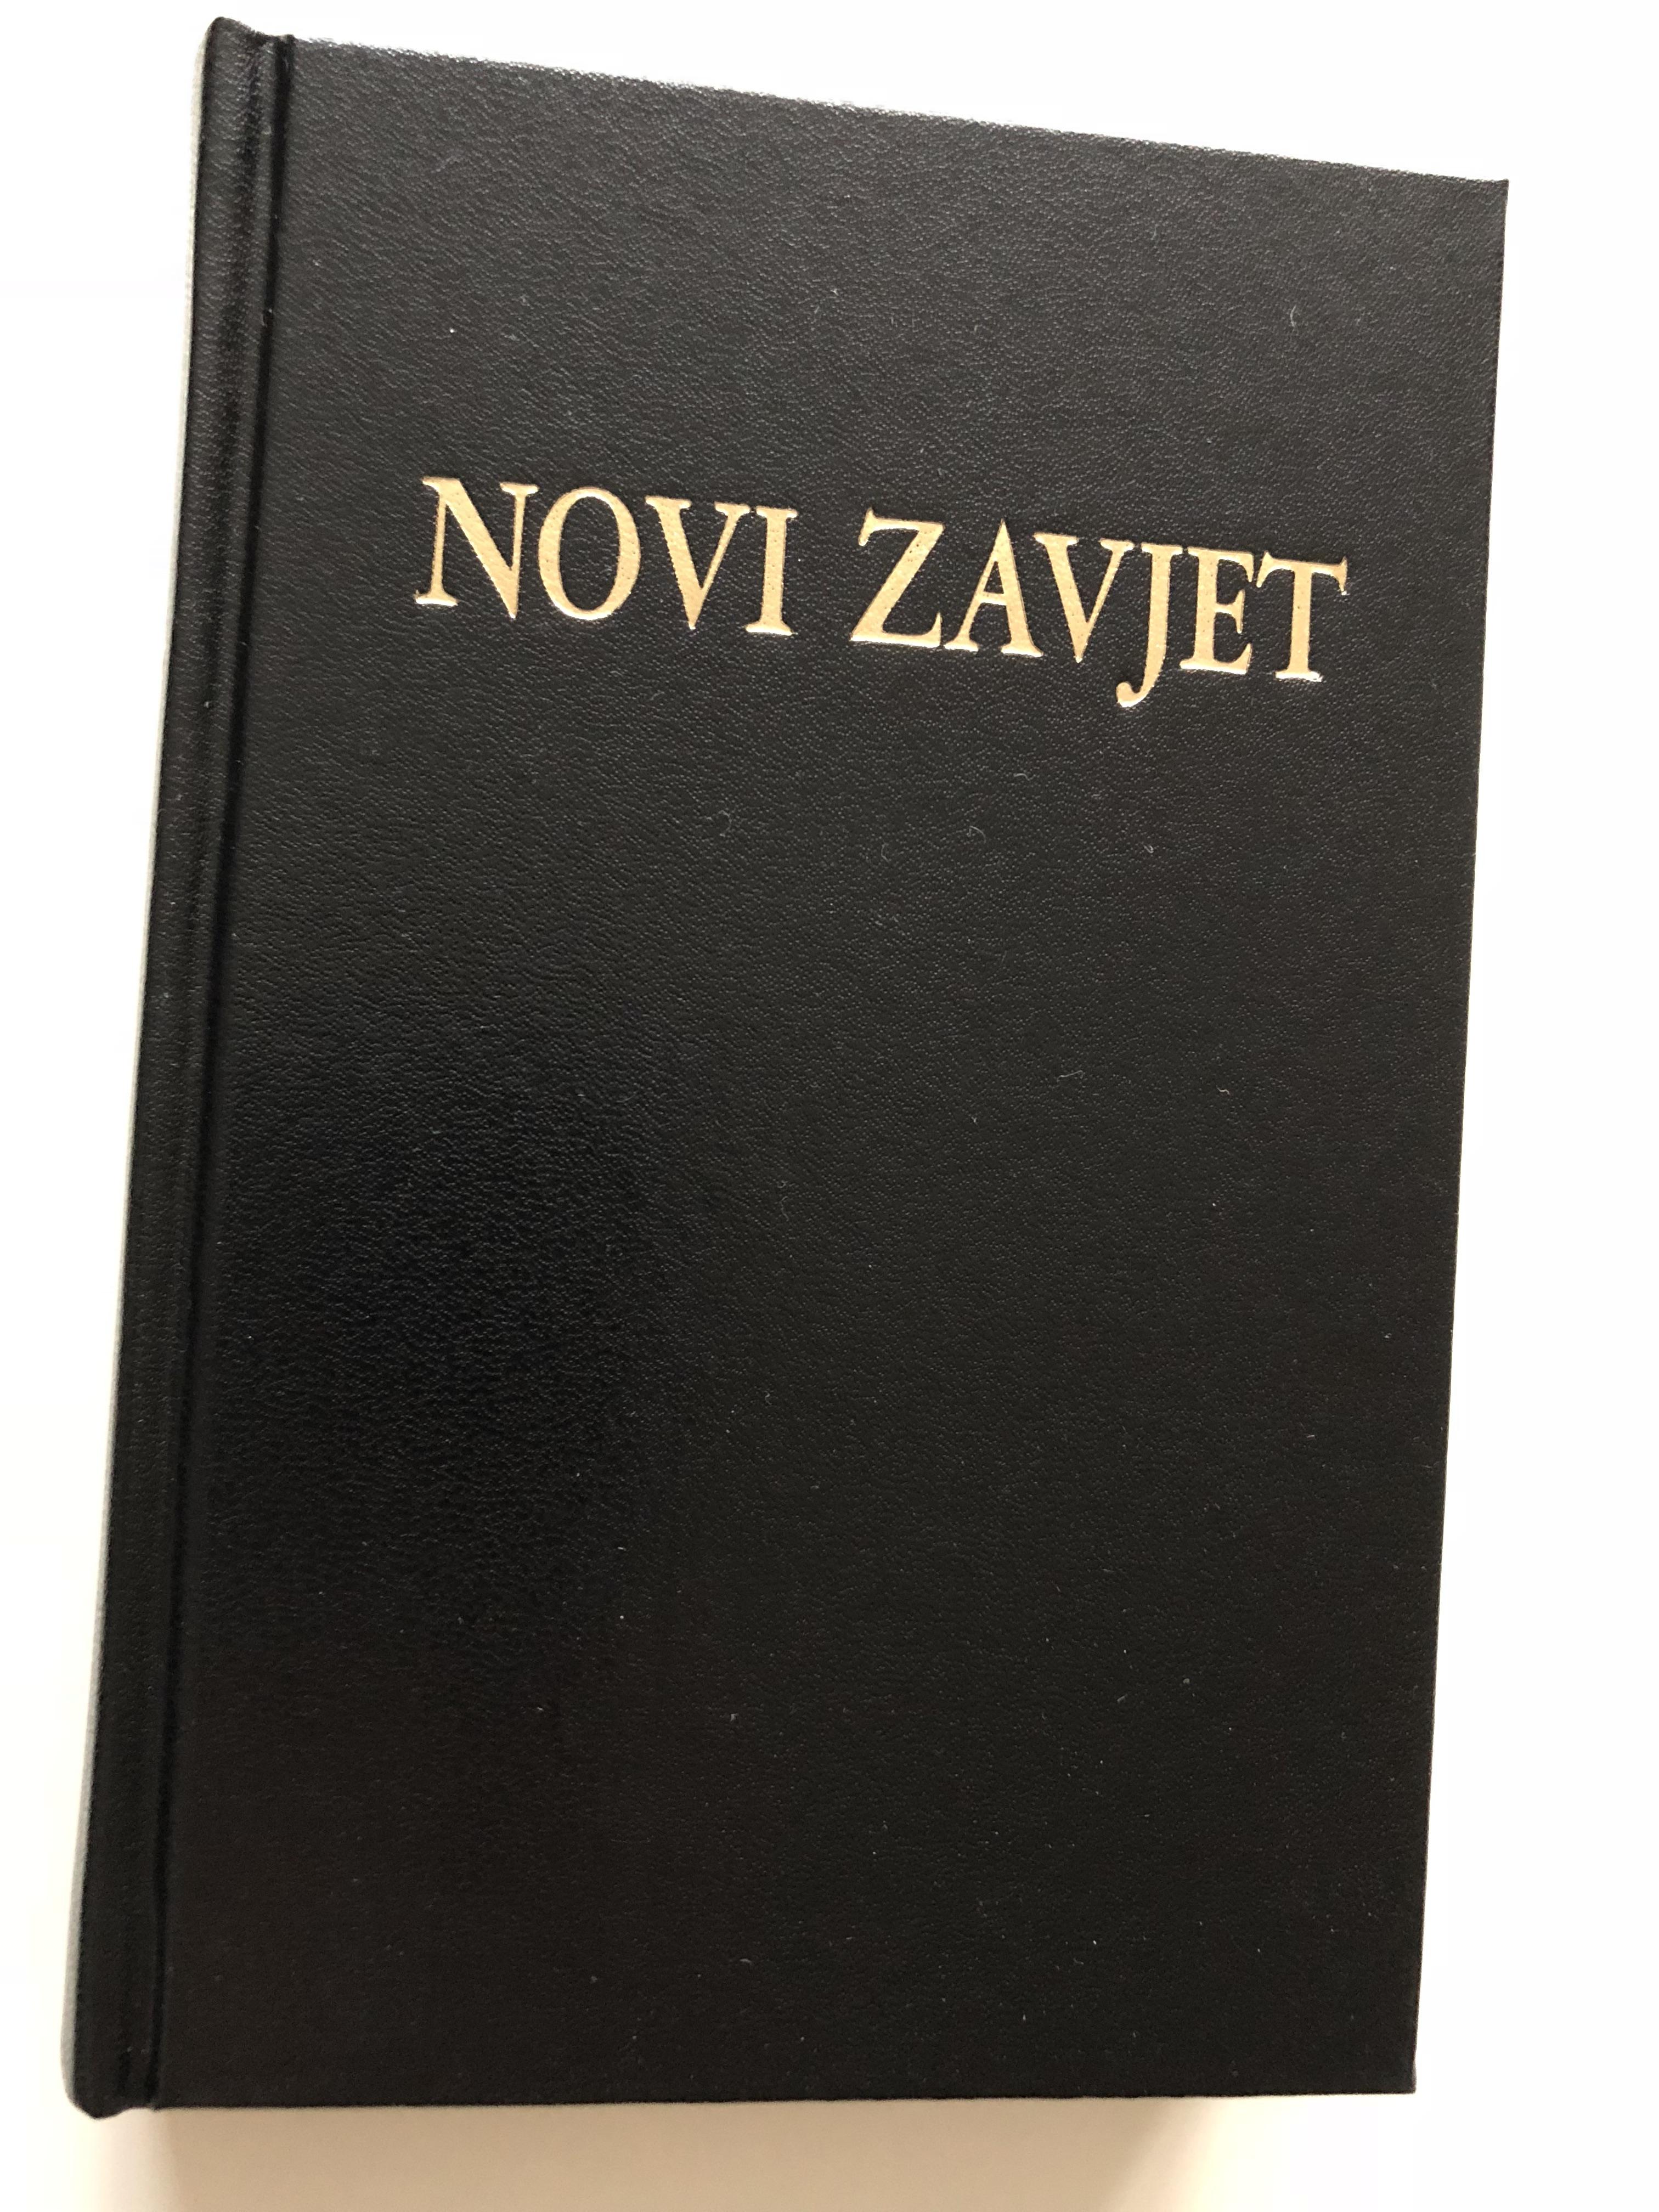 novi-zavjet-the-new-testament-in-croatian-language-hardcover-black-1-.jpg